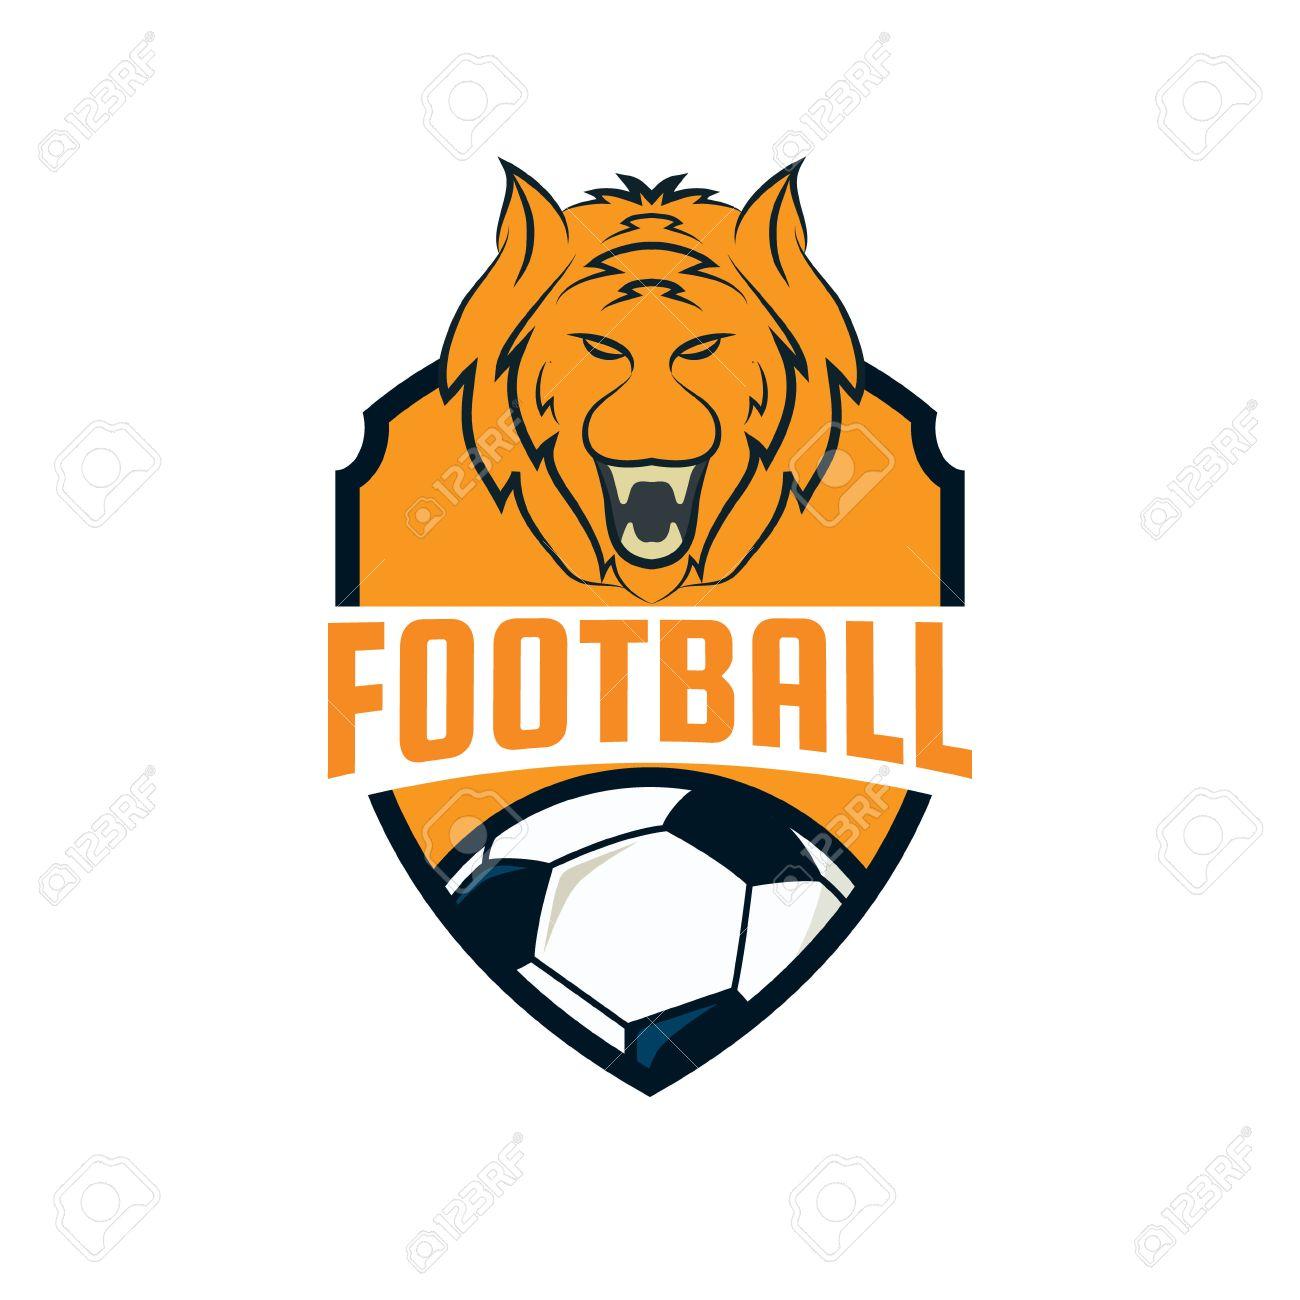 football logo design soccer team vector illustration royalty free rh 123rf com football logo design your own football logo designer